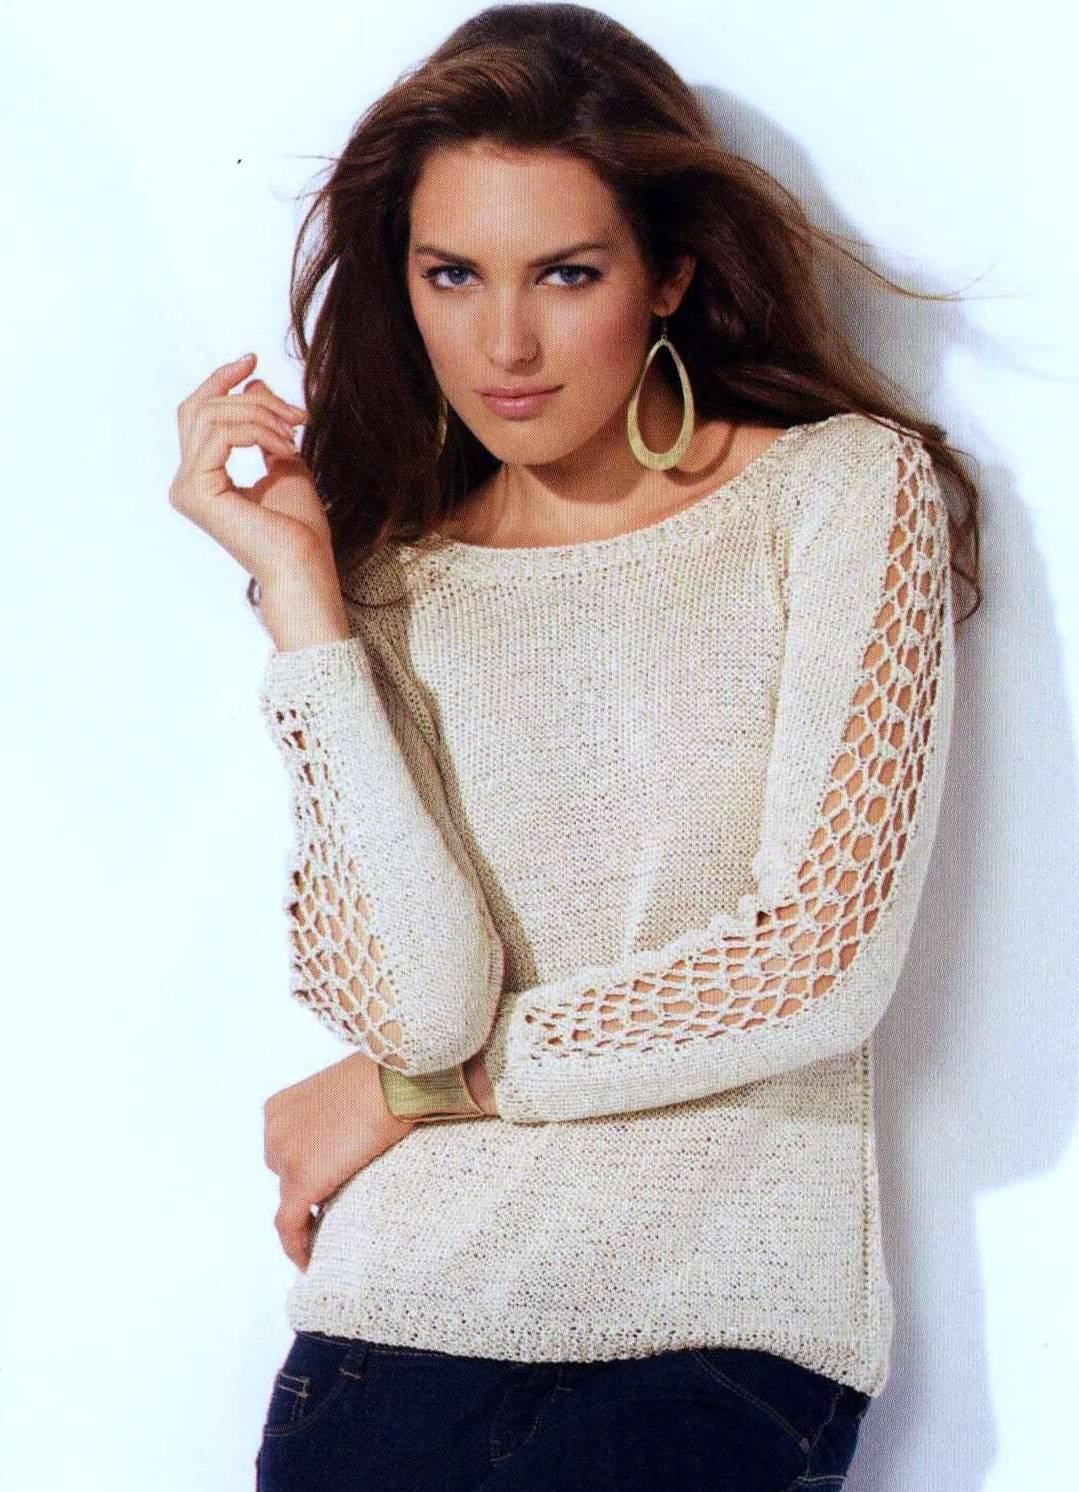 модные вязаные свитера 2013 1 | Вязание Спицами и